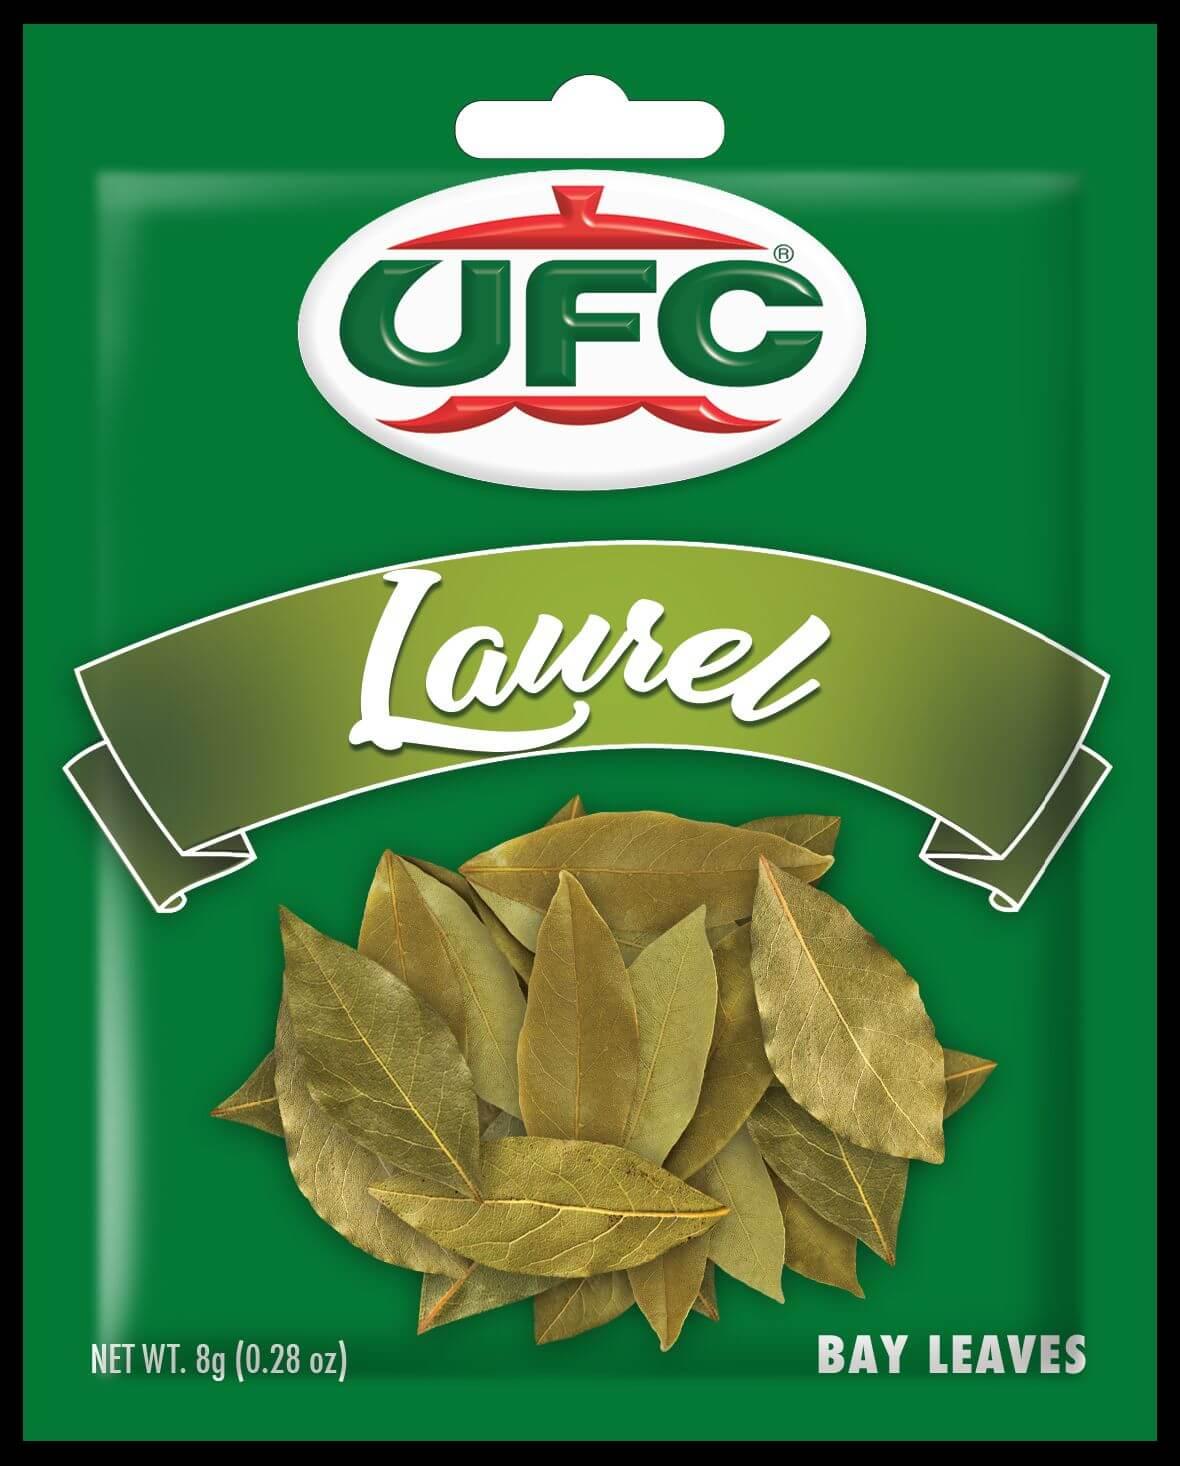 UFC Bay Leaves 8g